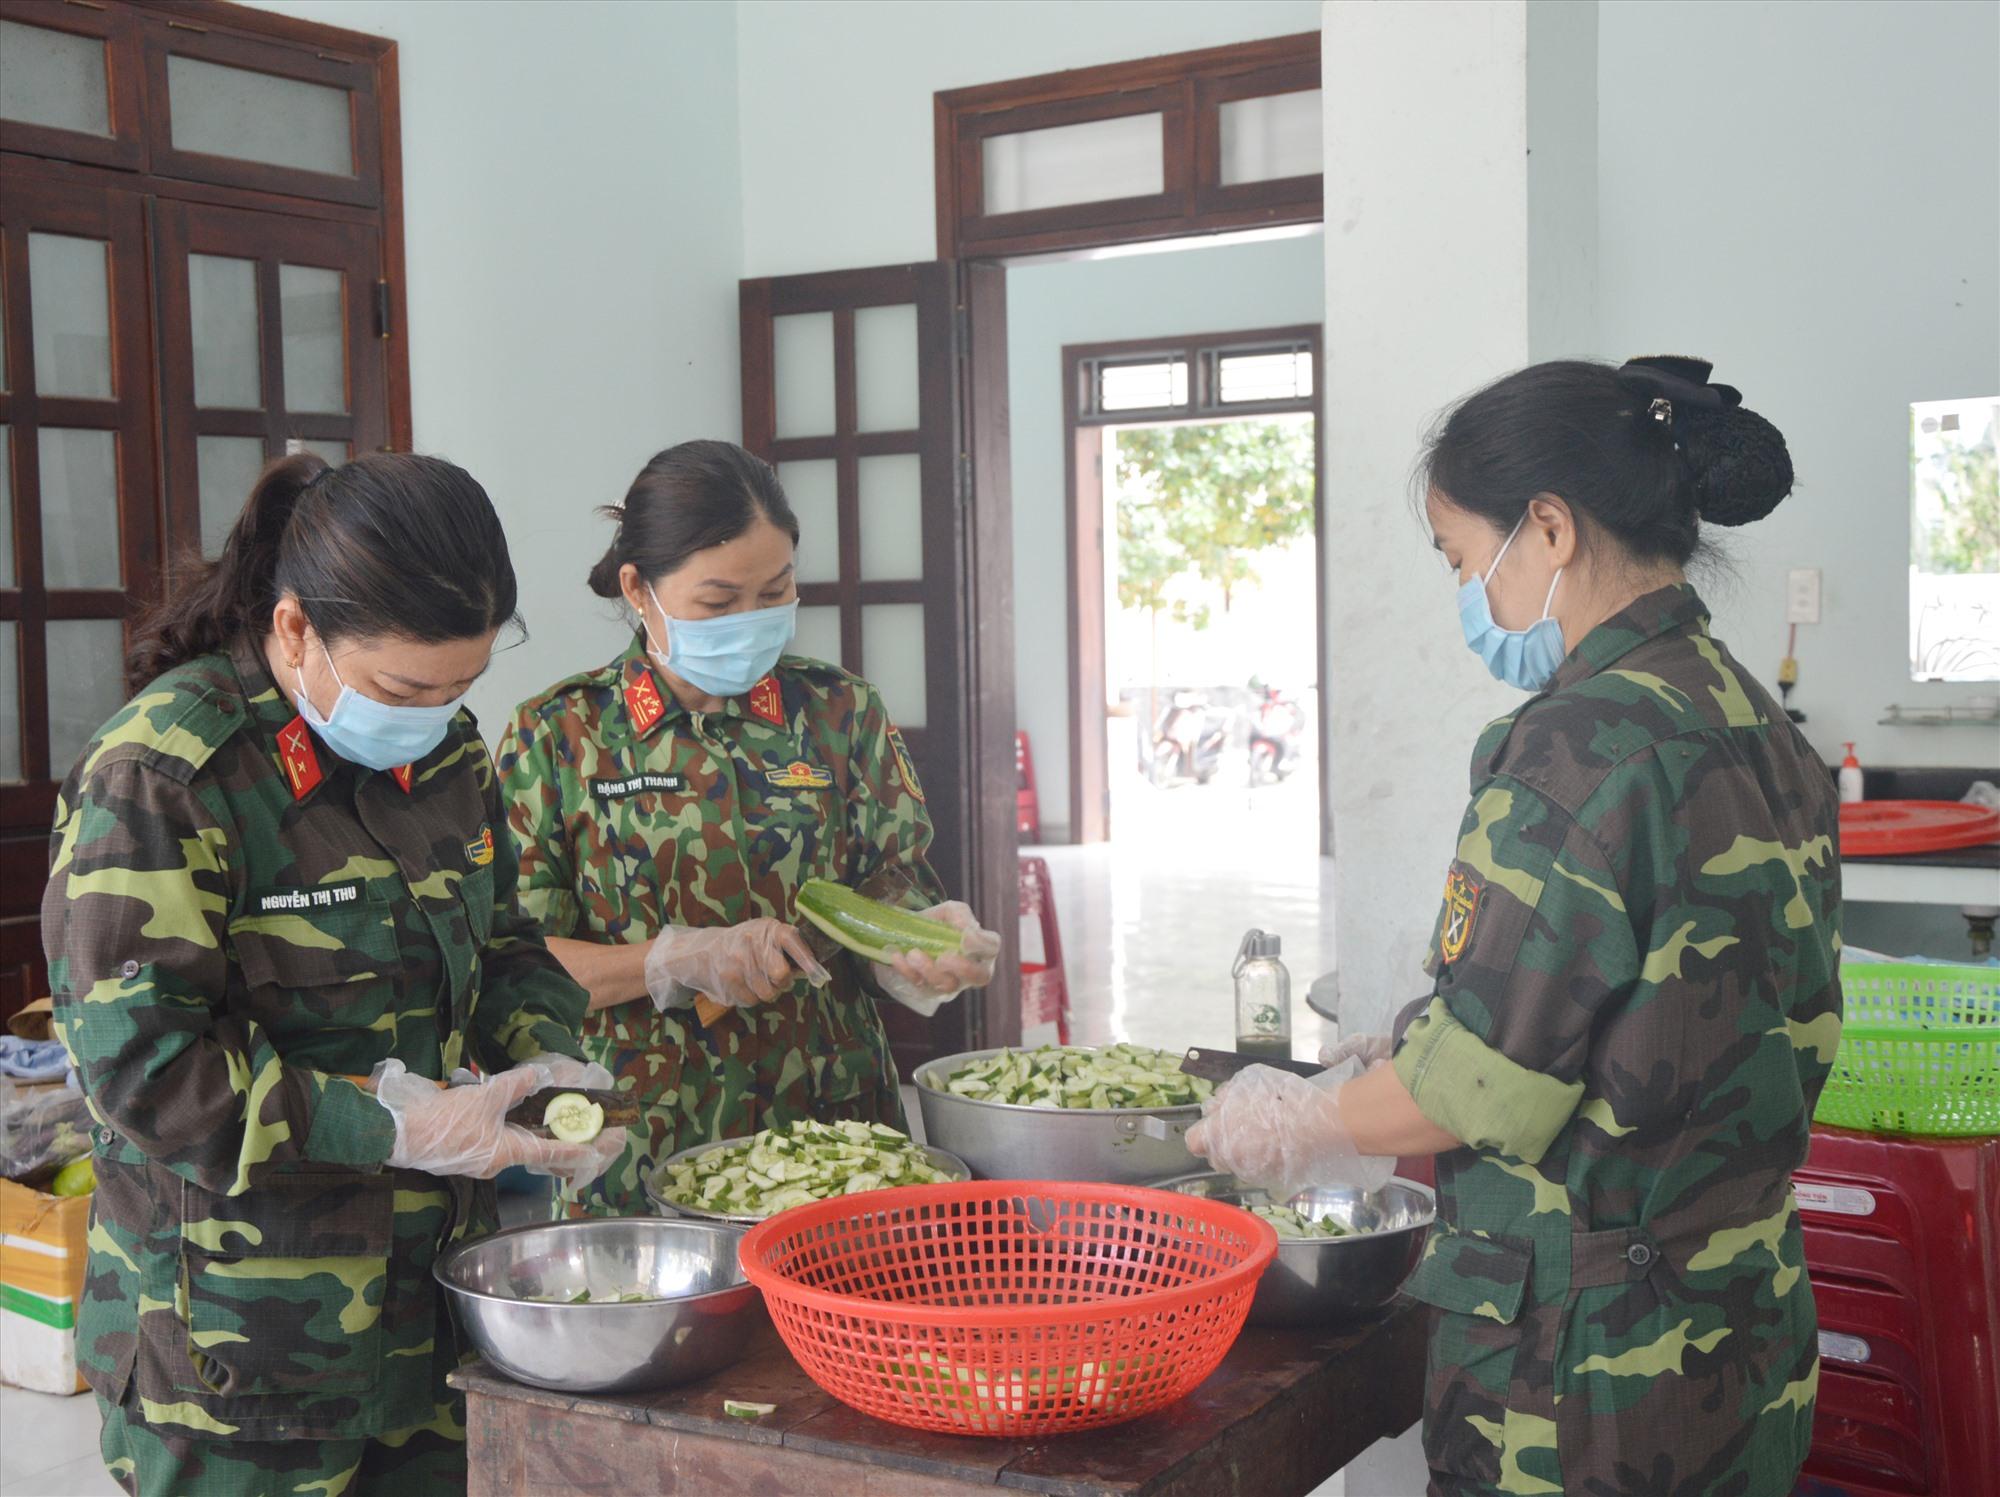 Chuẩn bị bữa ăn hàng ngày cho người dân tại khu cách ly tập trung. Ảnh: T.A